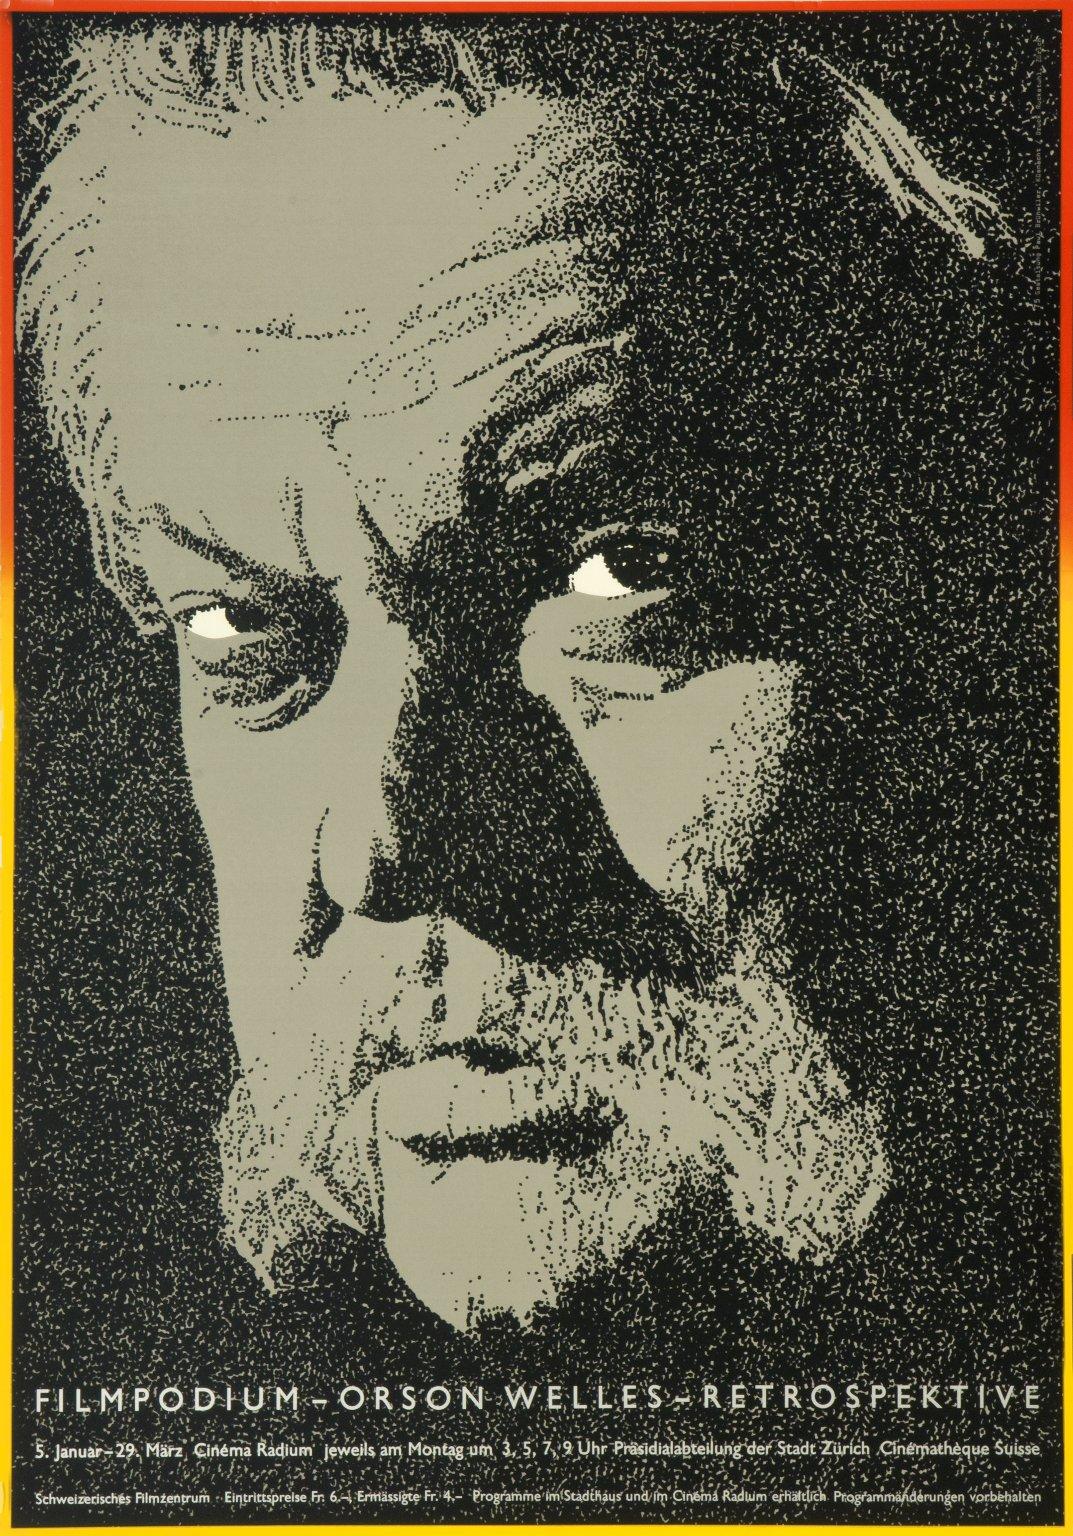 Filmpodium: Orson Welles